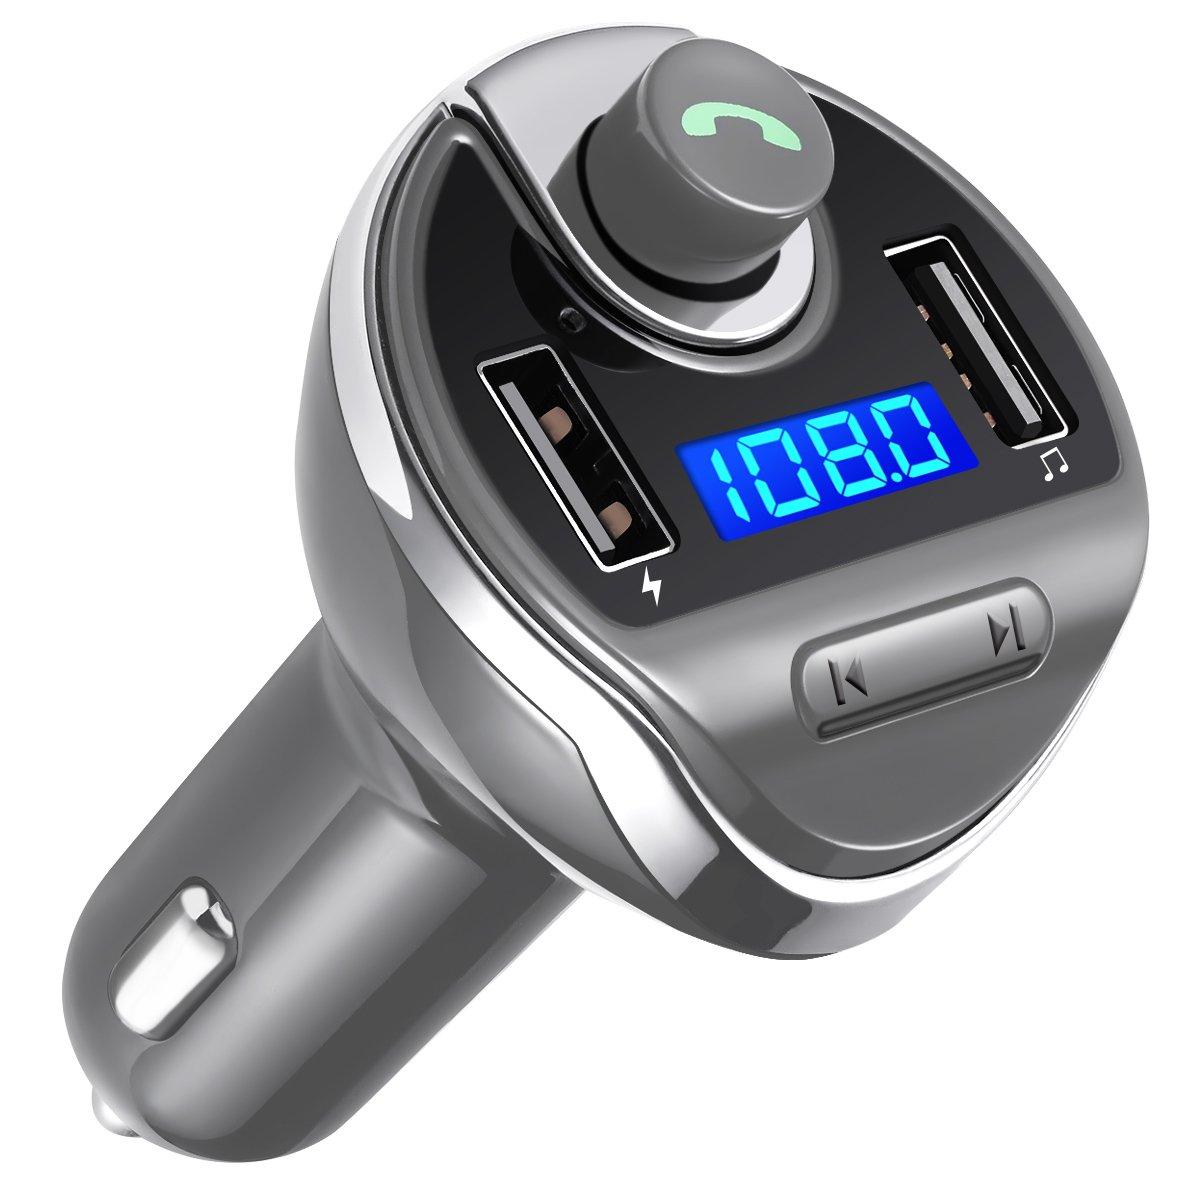 Criacr Transmetteur FM Bluetooth, Kit de Voiture Mains Libres, Chargeur Allume Cigare, Sans Fil Chargeur USB de Voiture, Lecteur MP3 avec Micro, 2 USB Port 5V/2.1A et 1A (Bleu) AMIR CP24D